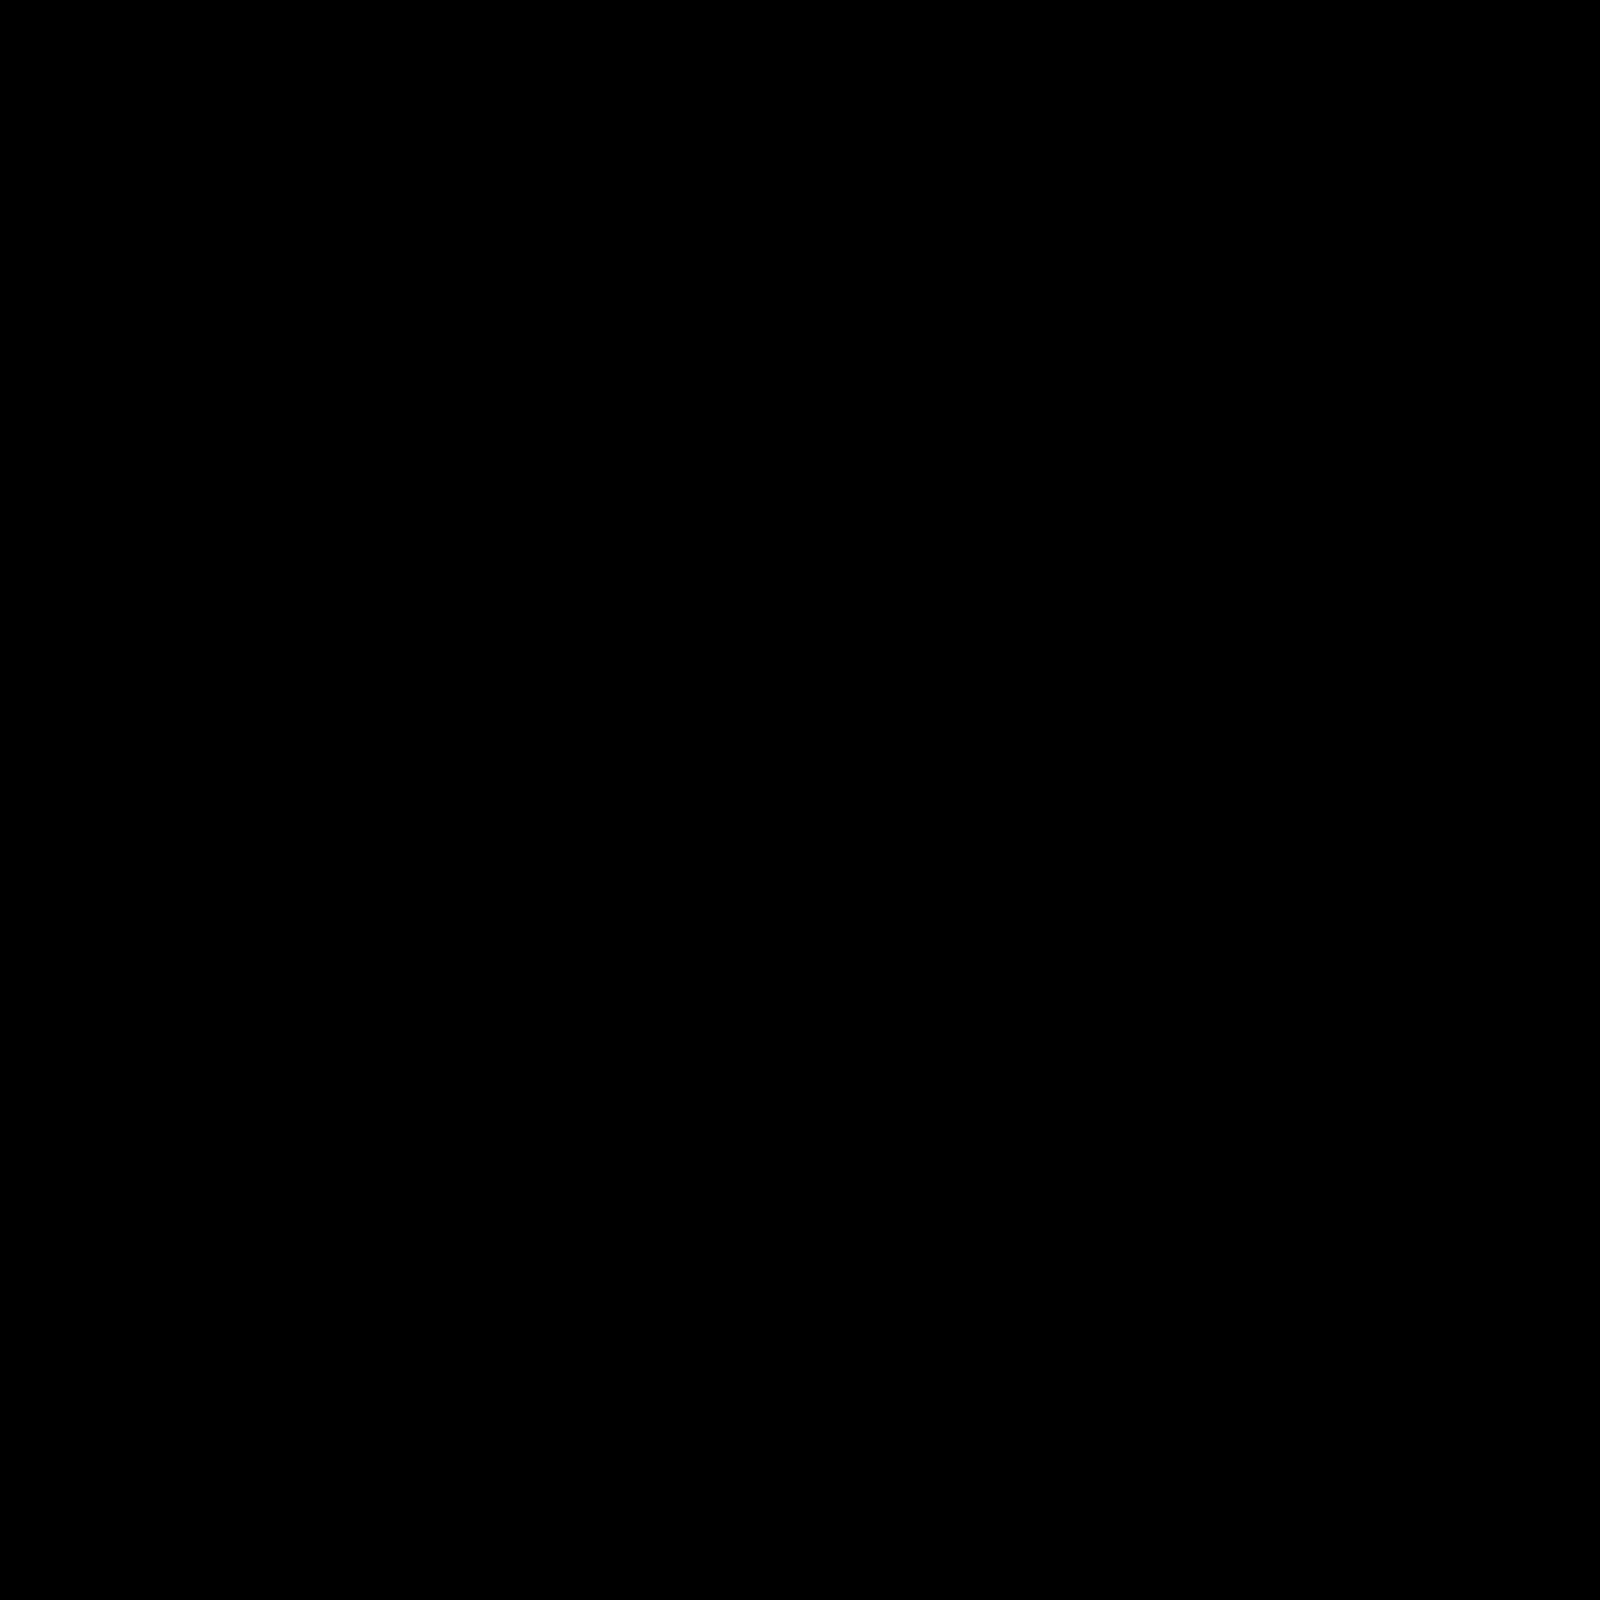 Automatyczna jasność icon